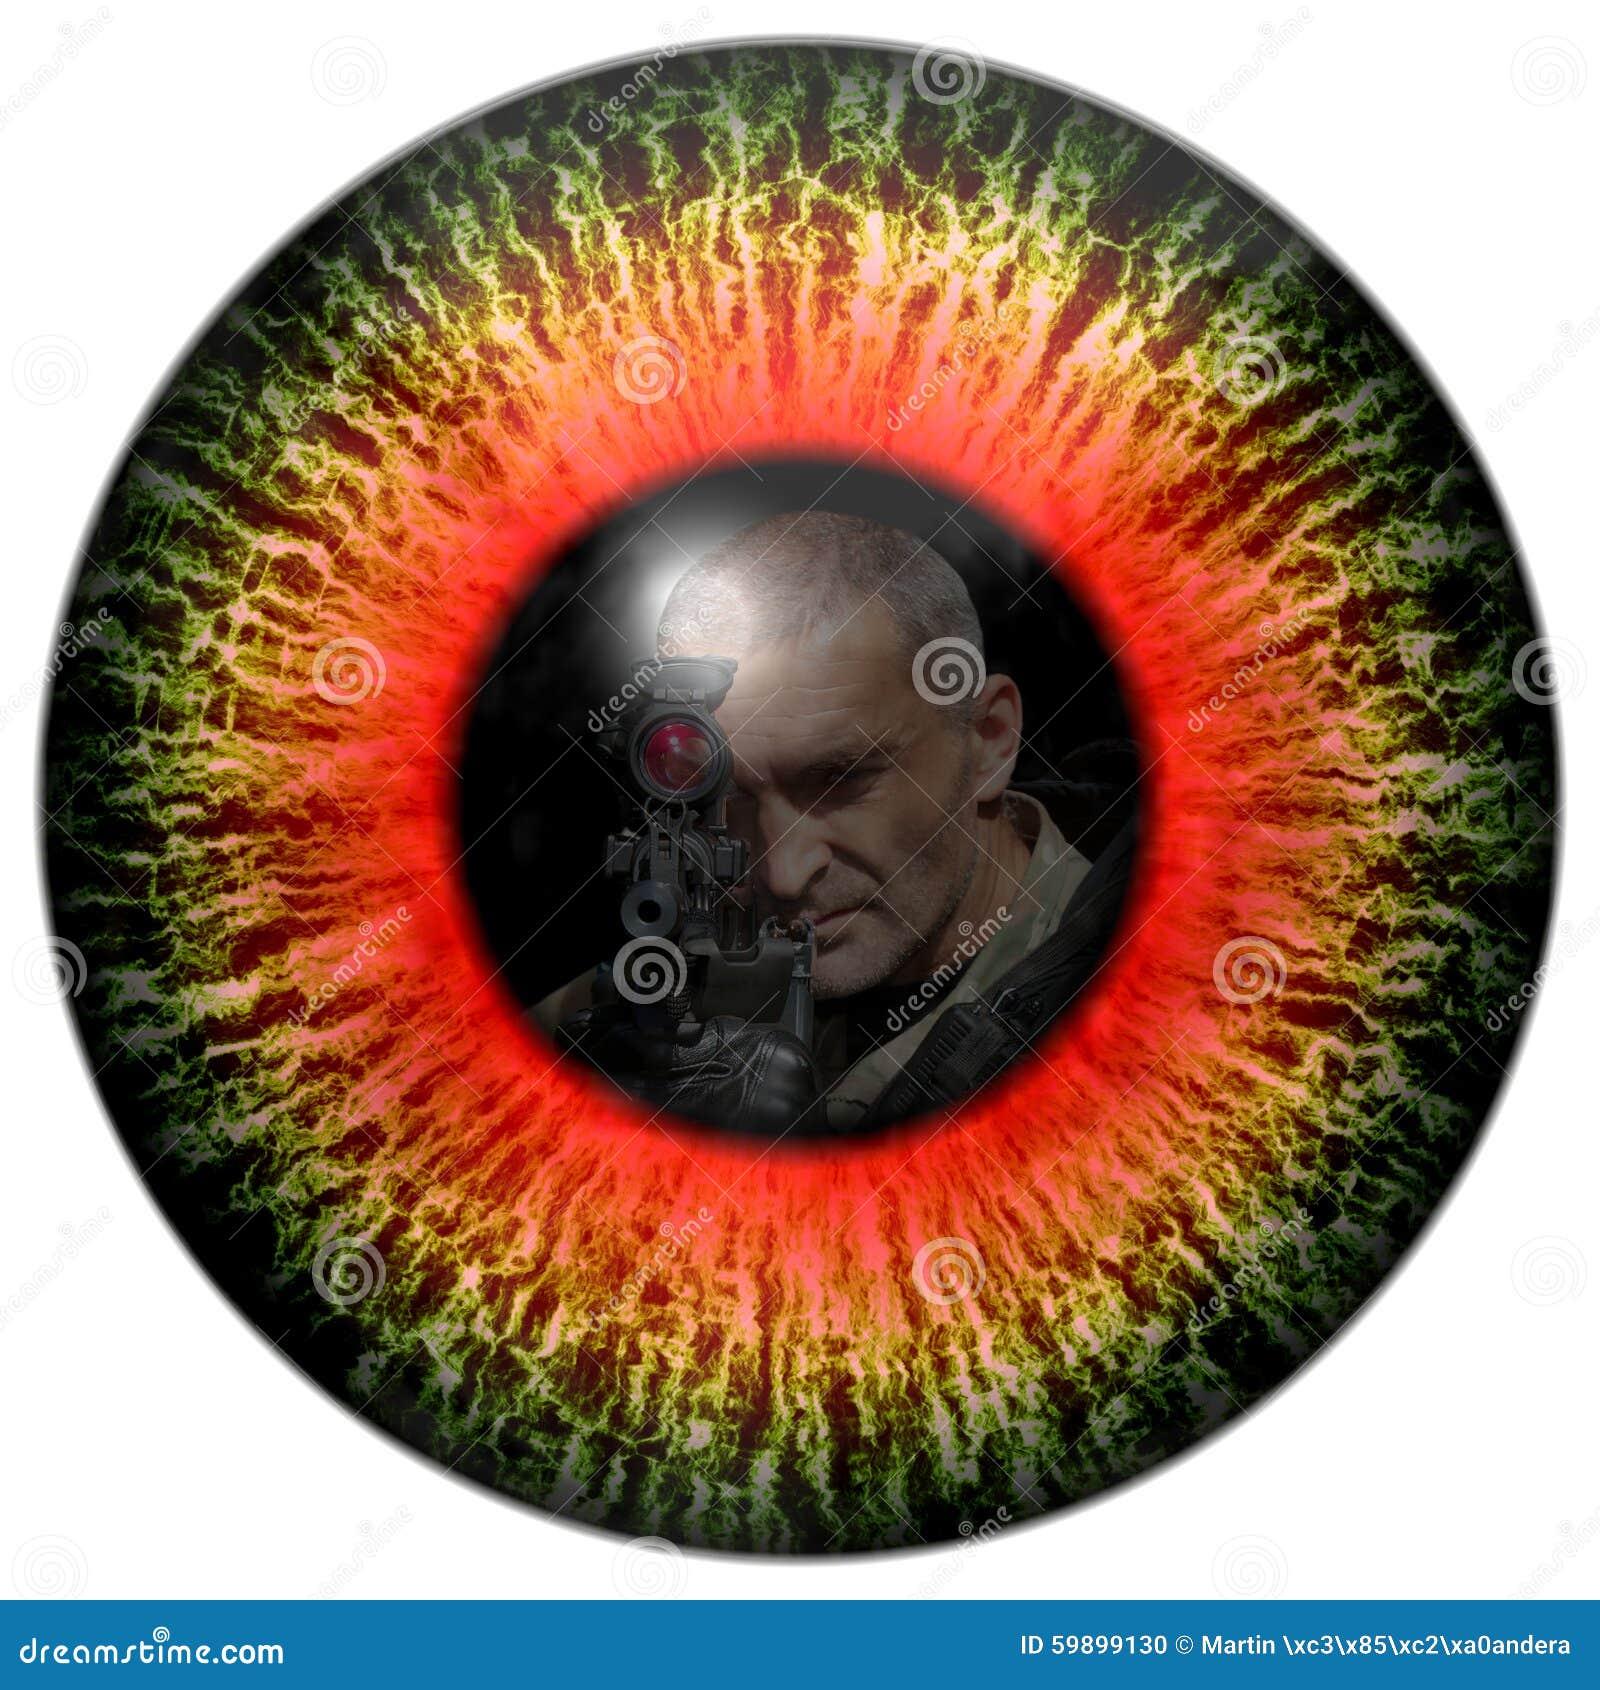 Zombieaugen mit der Reflexion gingen Soldaten voran Mustert Mörder Tödlicher Blickkontakt Tierauge mit Kontrast farbiger Iris